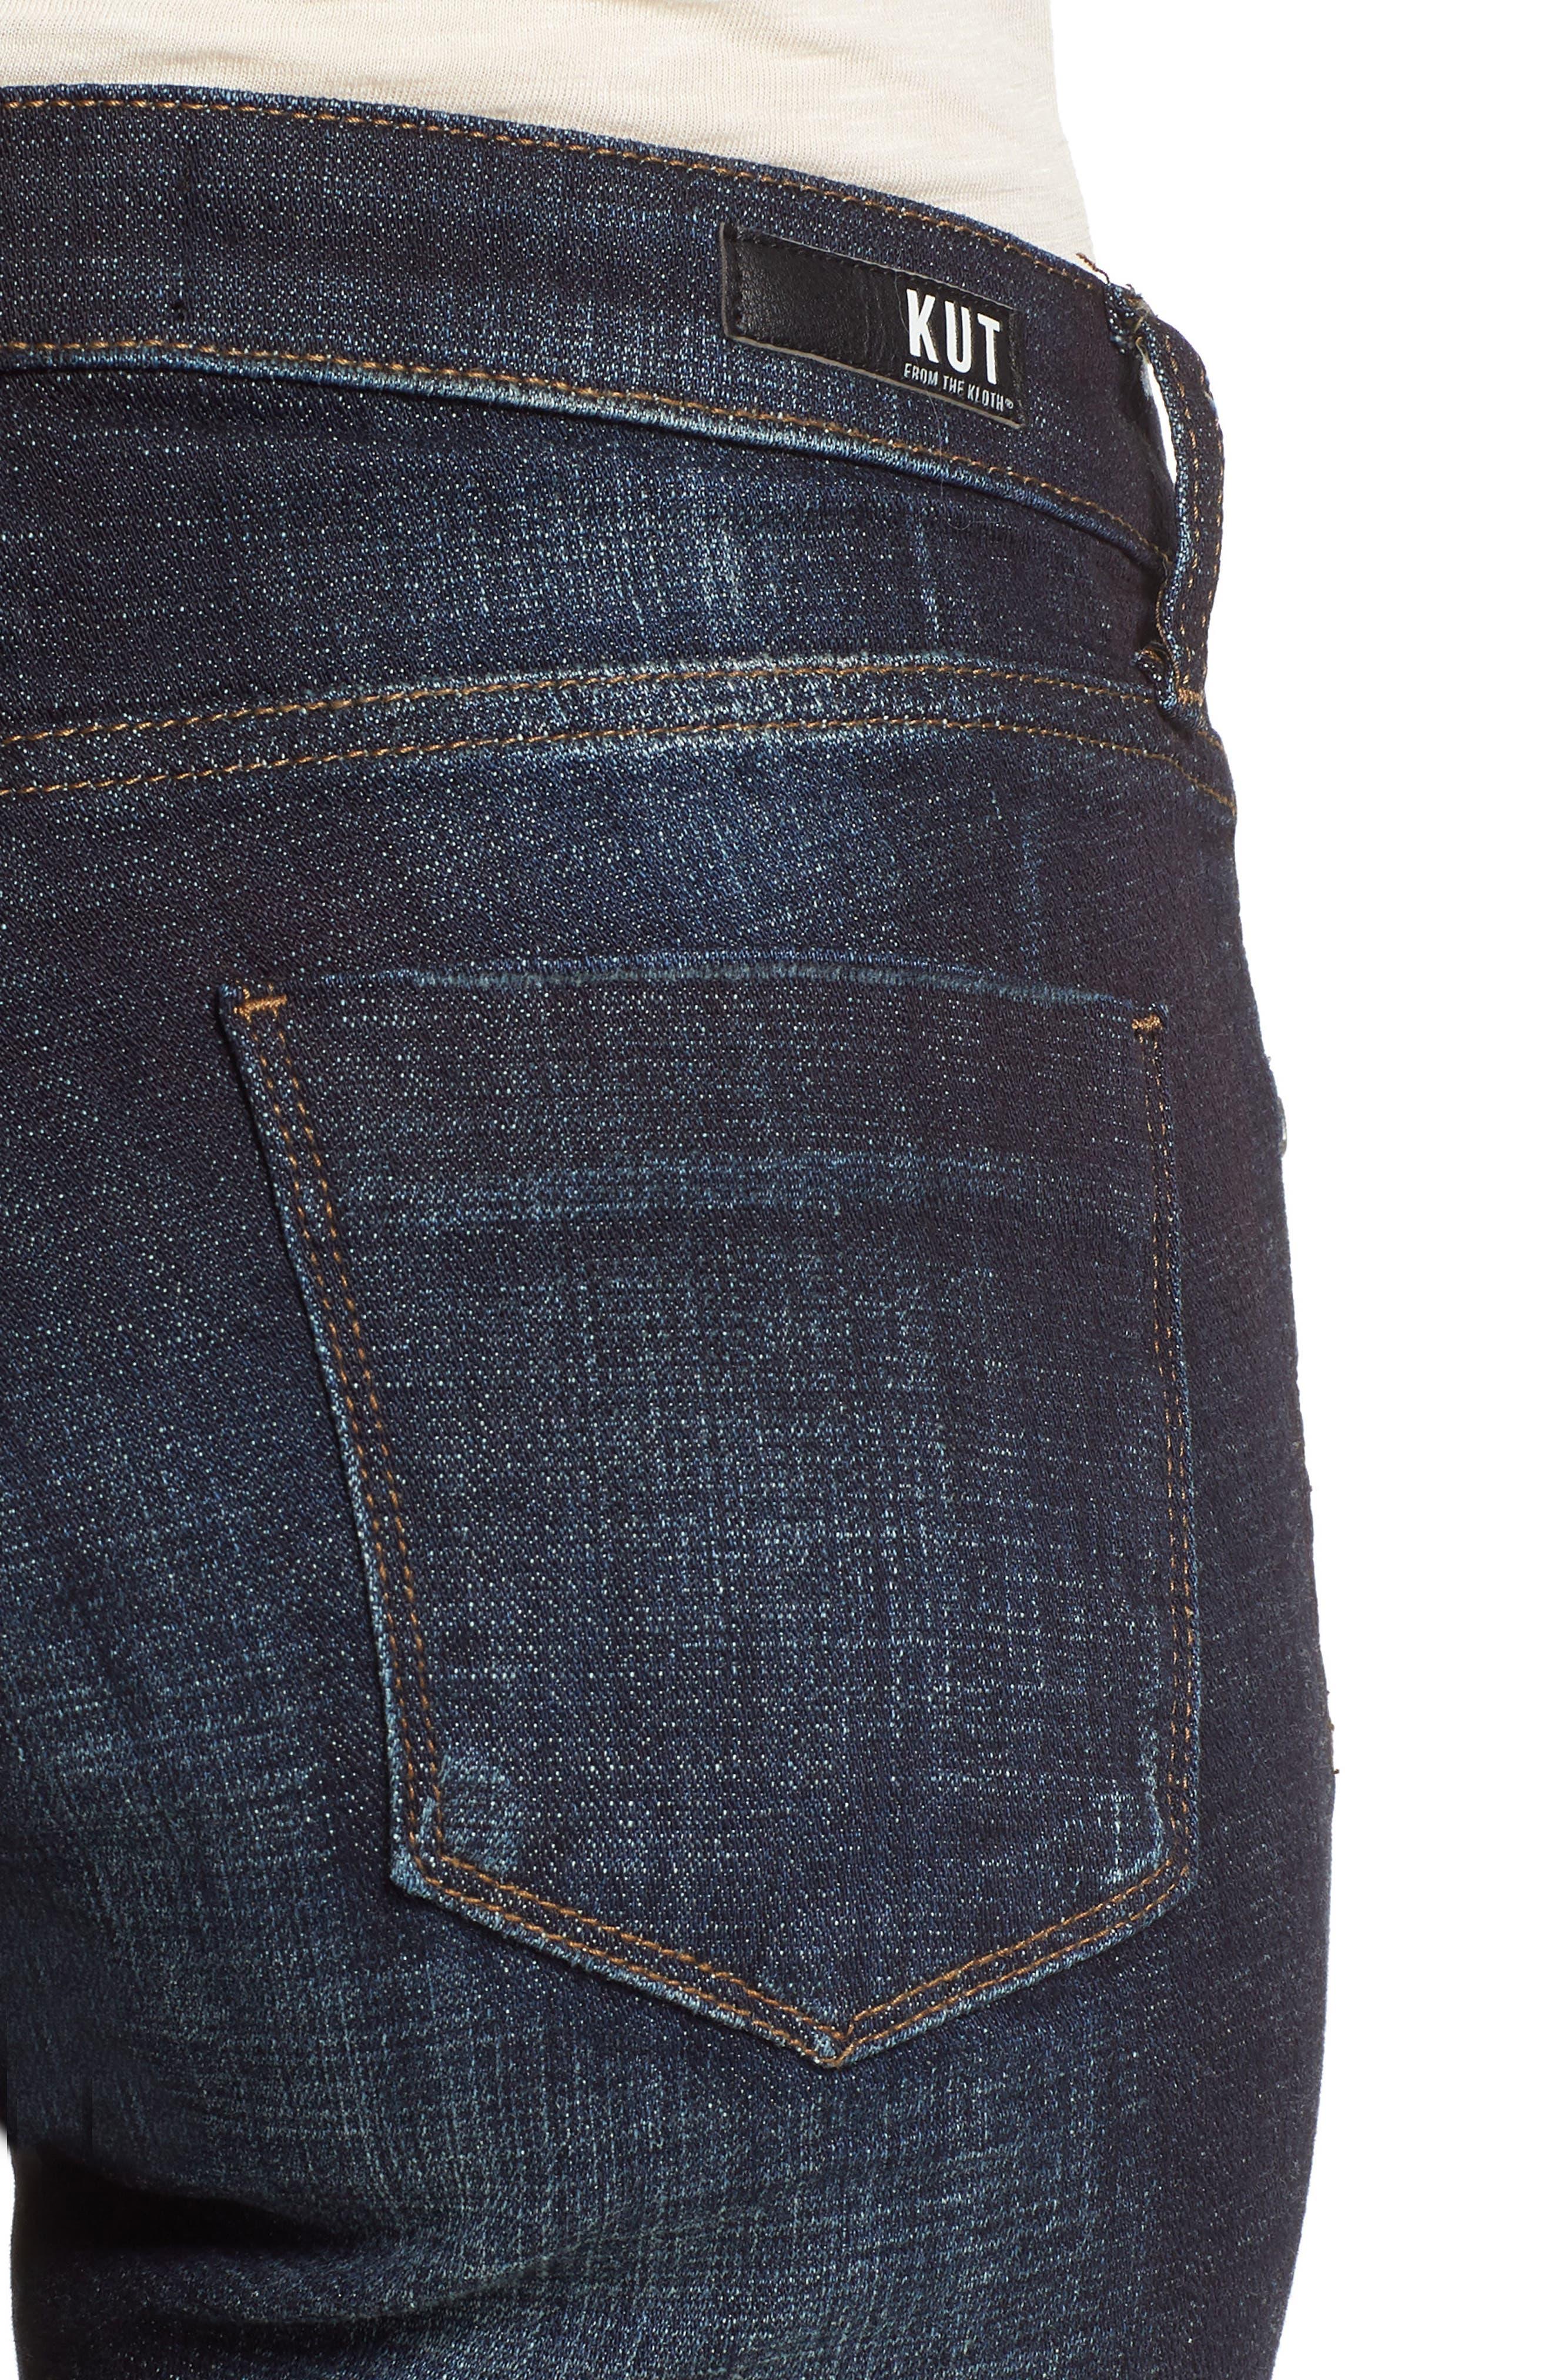 Lauren Crop Jeans,                             Alternate thumbnail 4, color,                             410